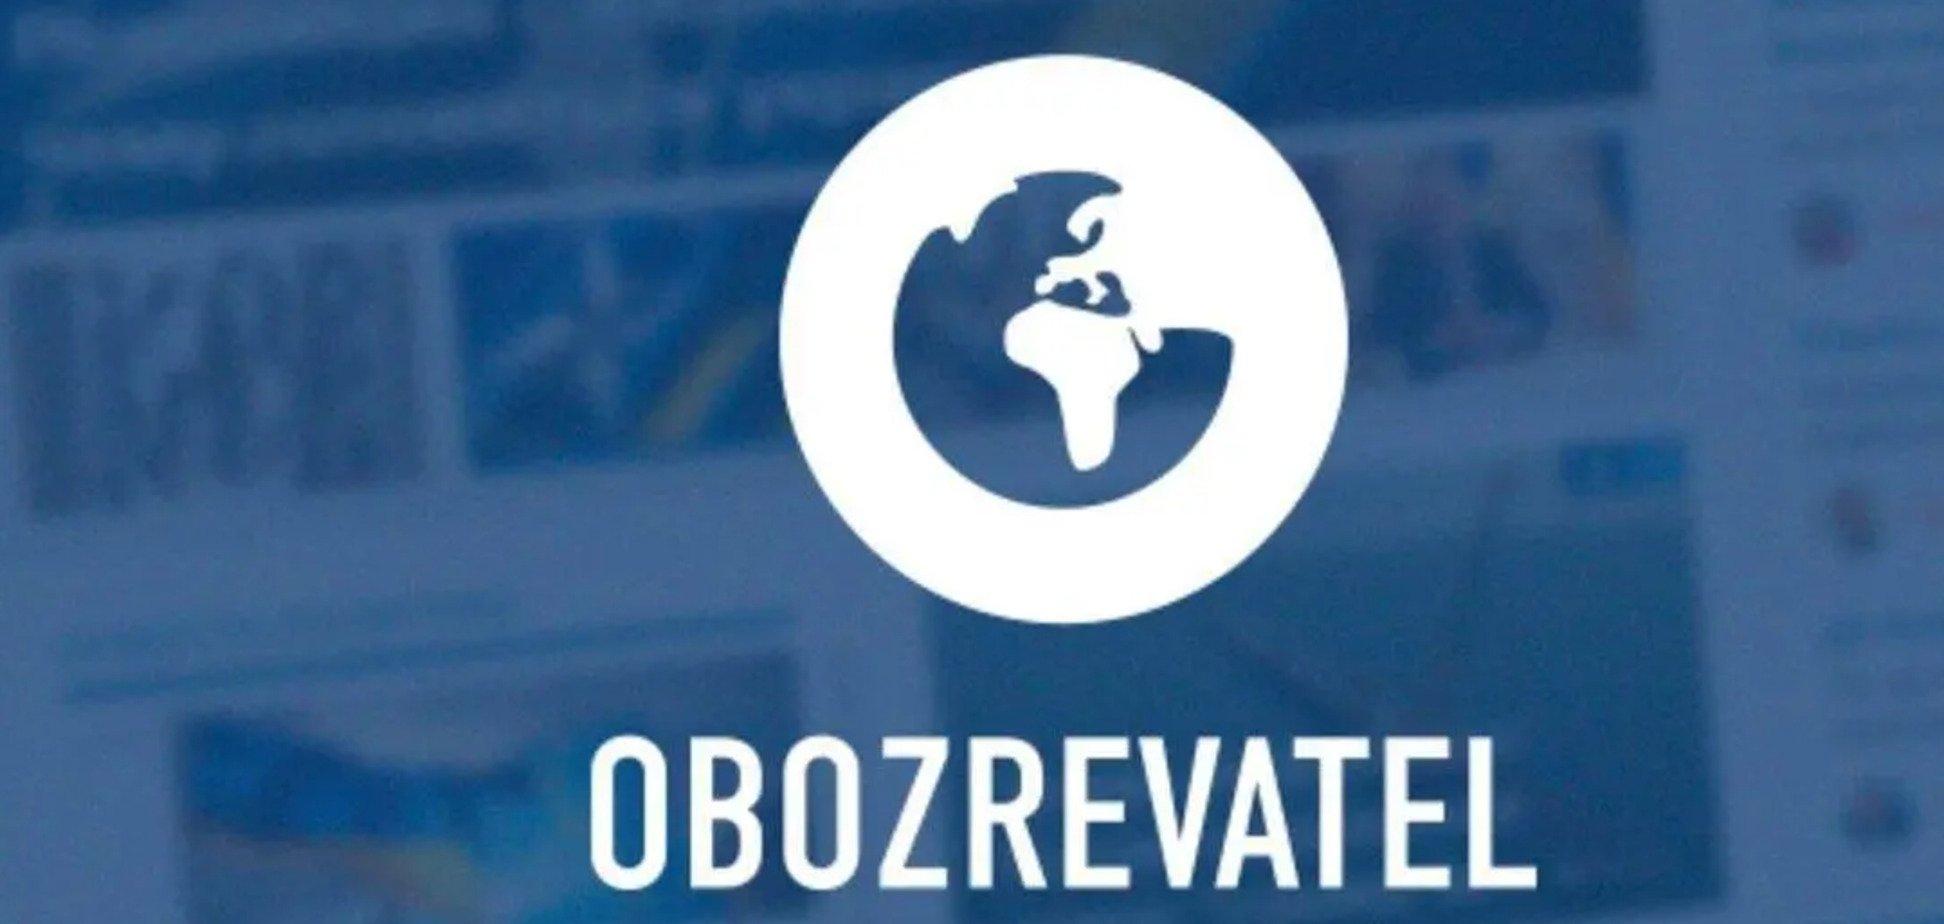 OBOZREVATELготовит рейтинг коррумпированных мэров Украины